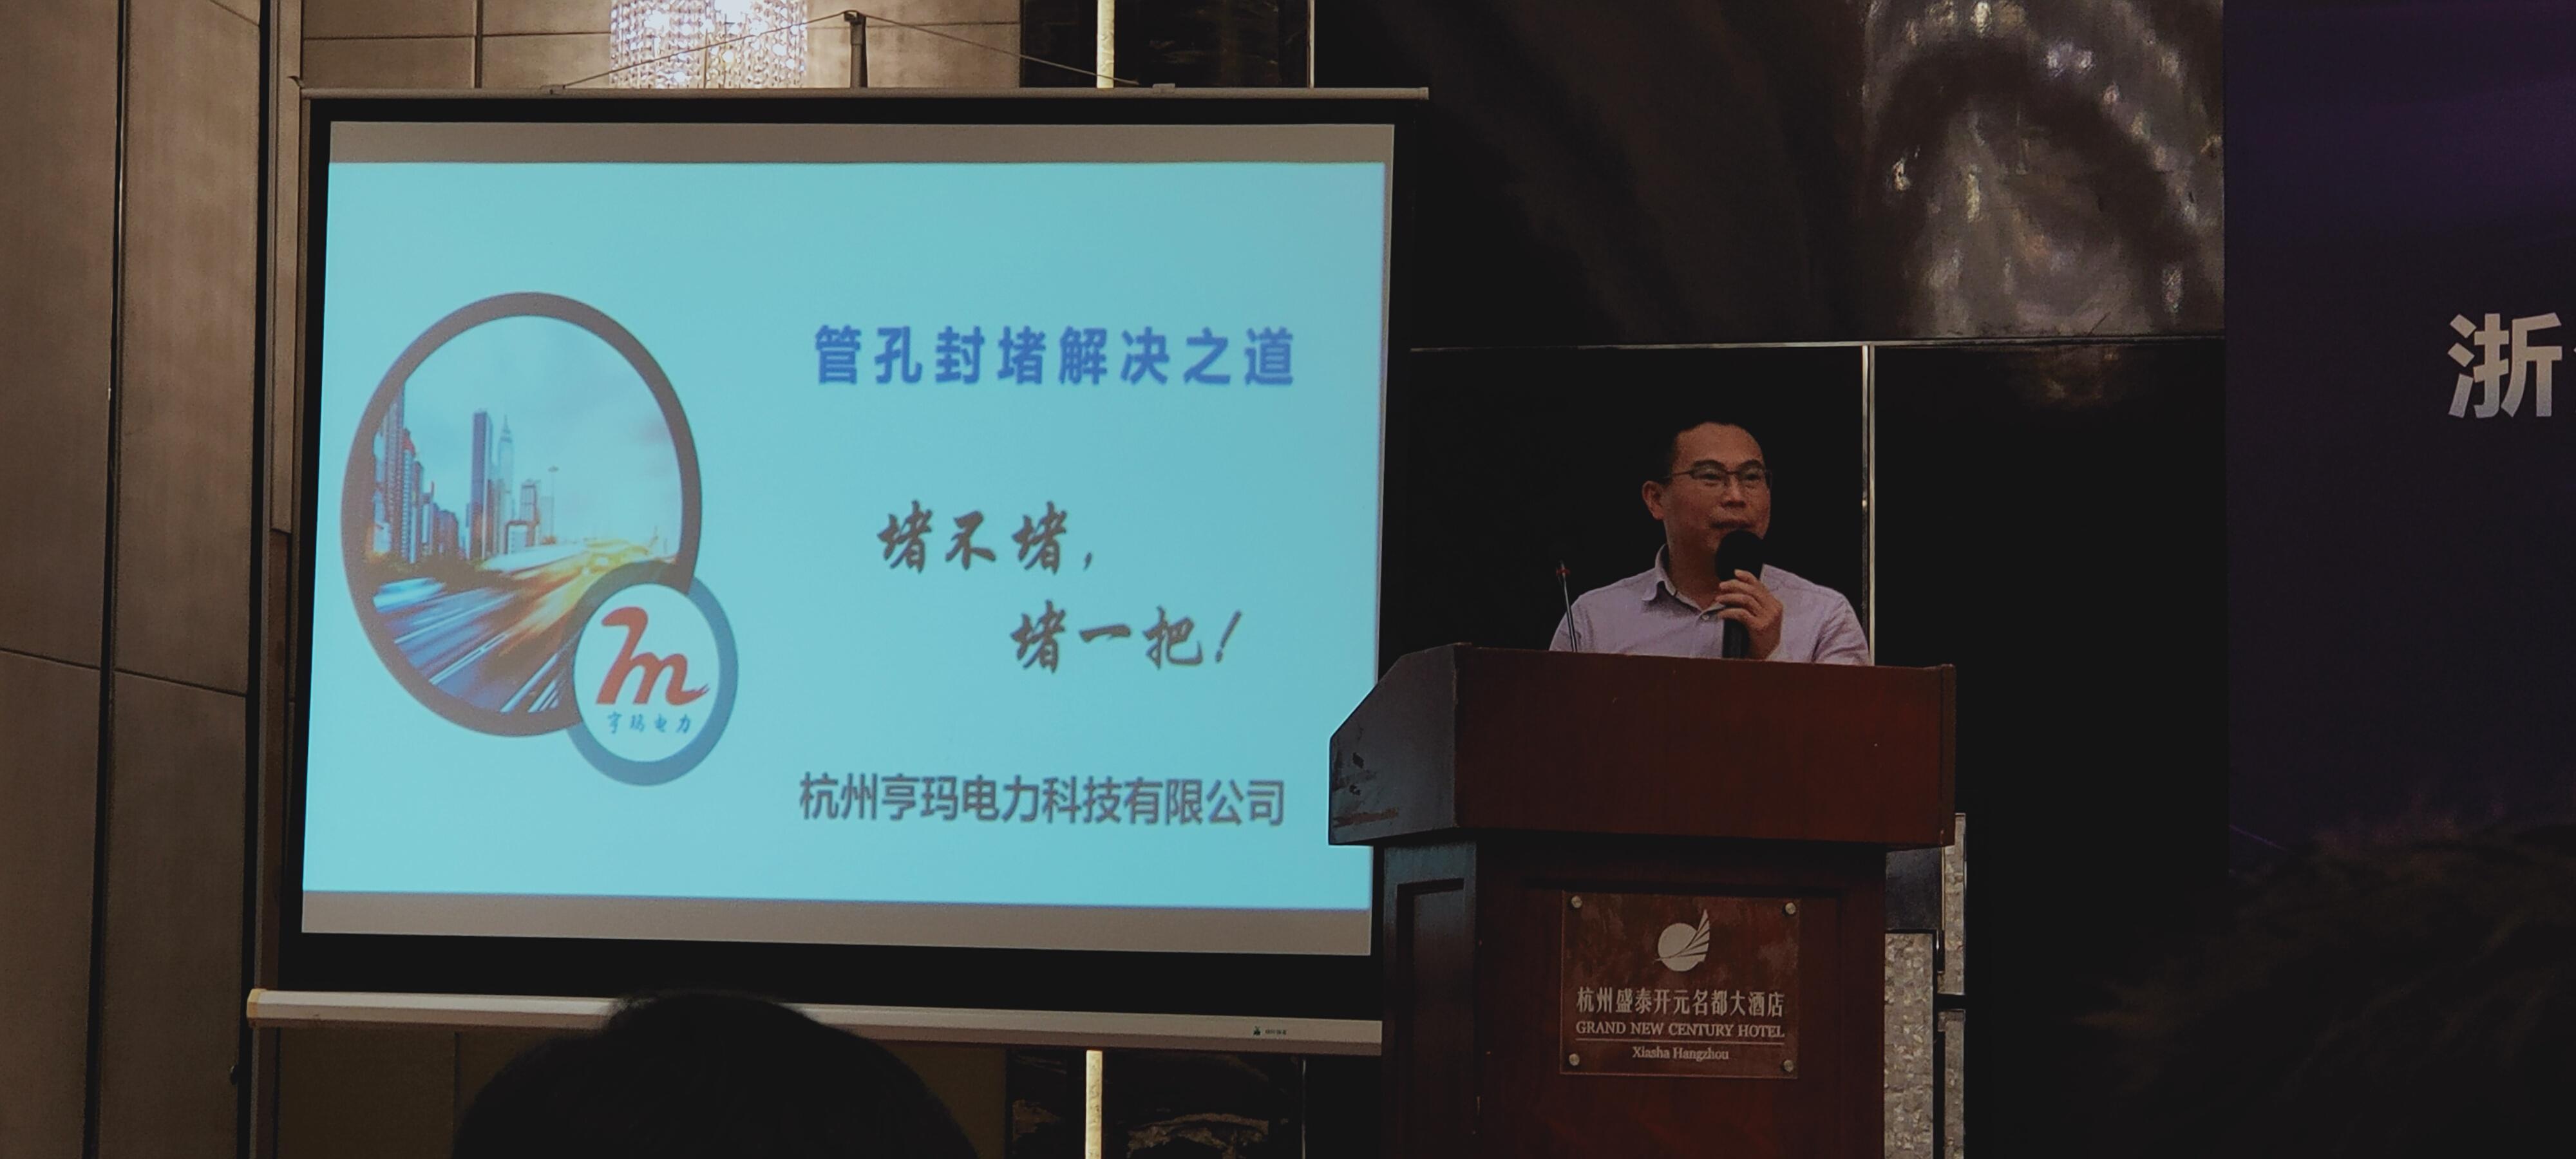 浙江省2020化学建材协会团体标准如期举行,祝贺亨玛榜上有名!